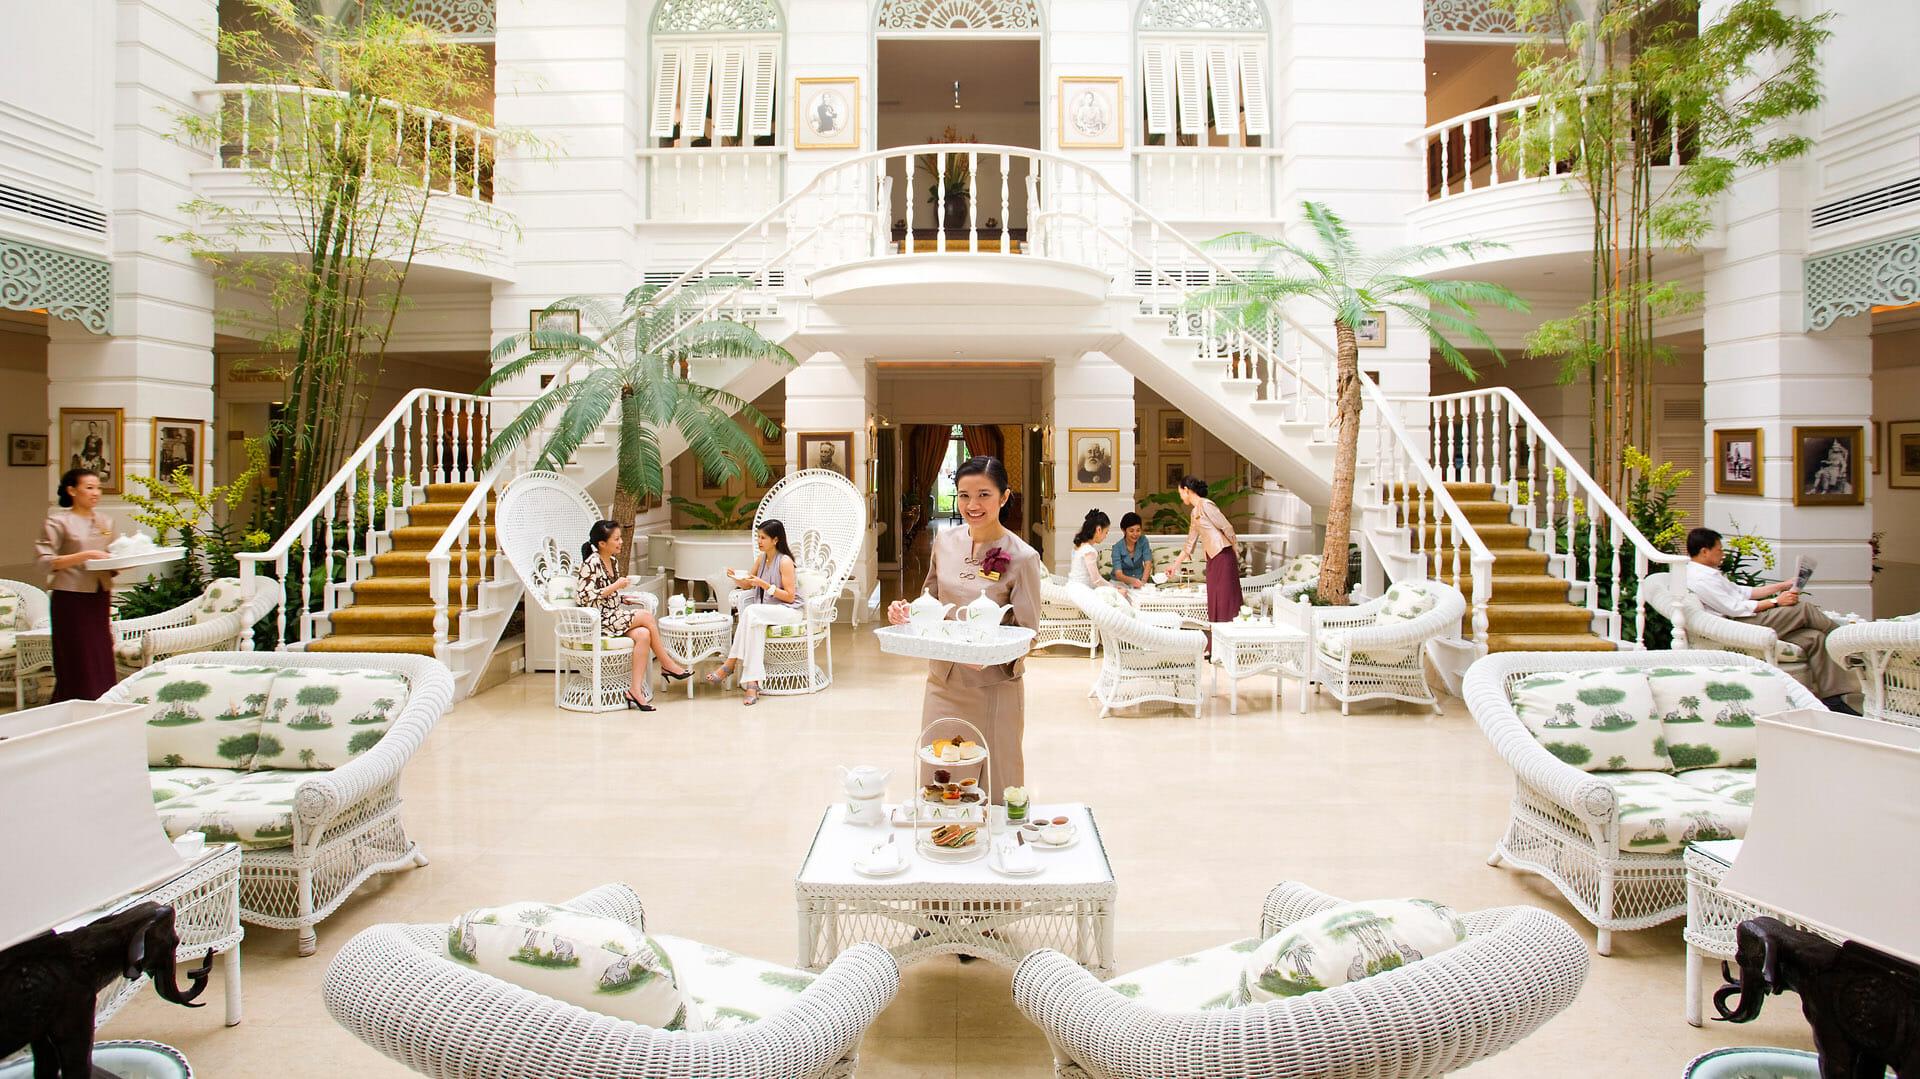 Mandarin Oriental Hotel - Top 10 best luxury hotels in Thailand